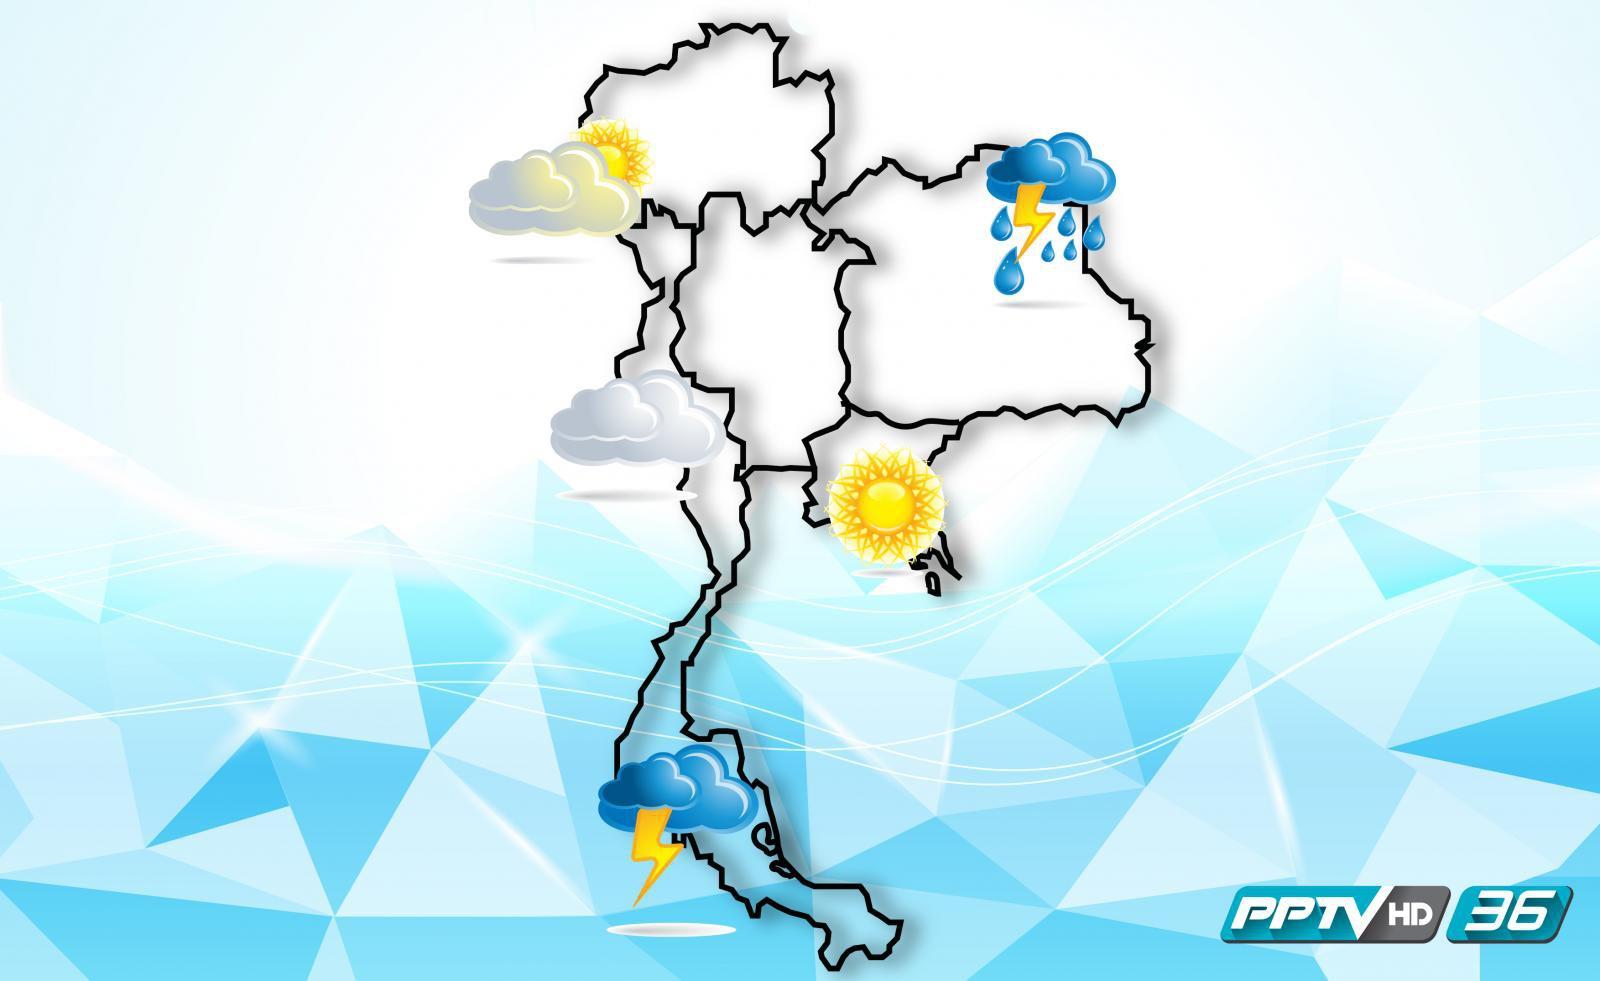 อุตุฯ ชี้ ประเทศไทยยังคงอากาศร้อนถึงร้อนจัด หลายจังหวัดมีลมกระโชกแรง